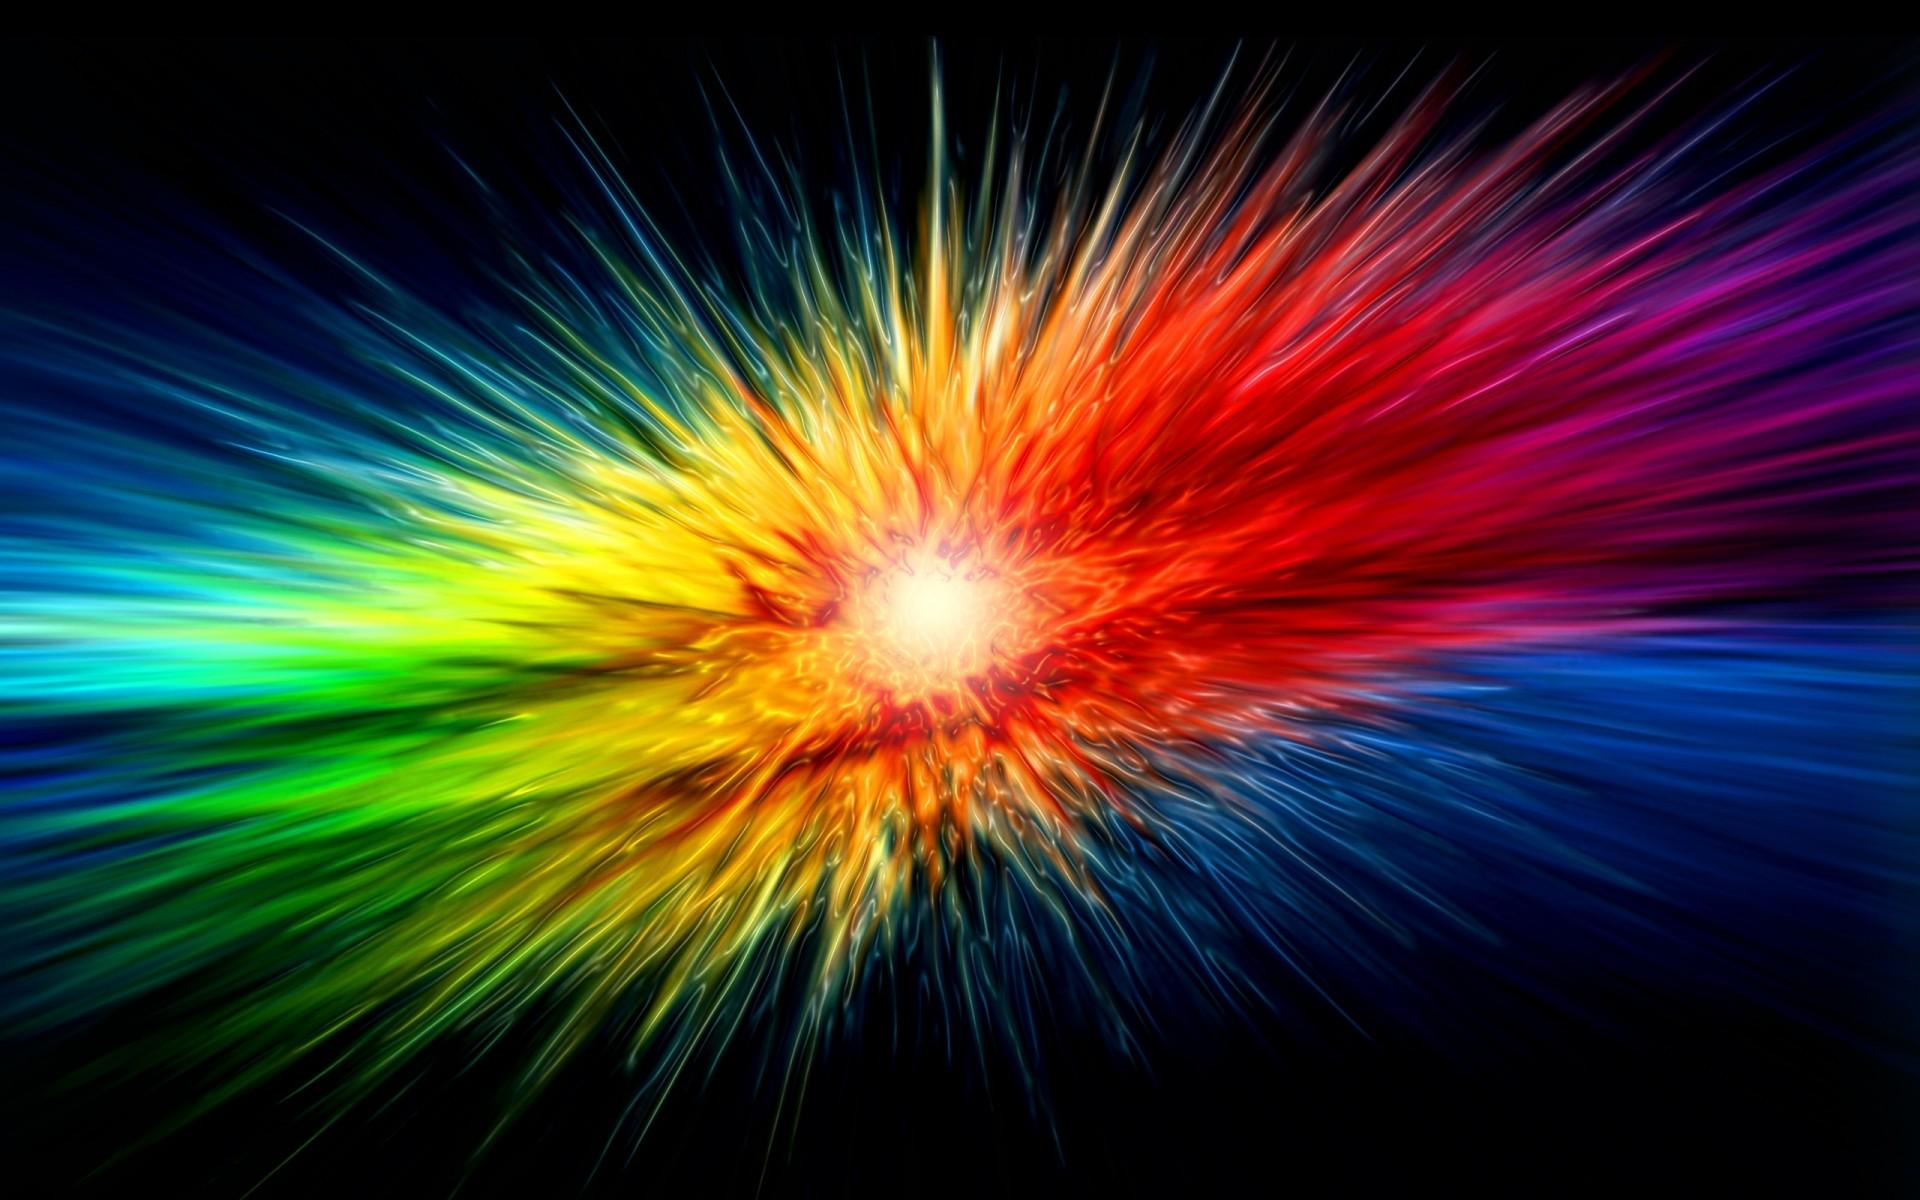 Colorful Desktop Background - WallpaperSafari